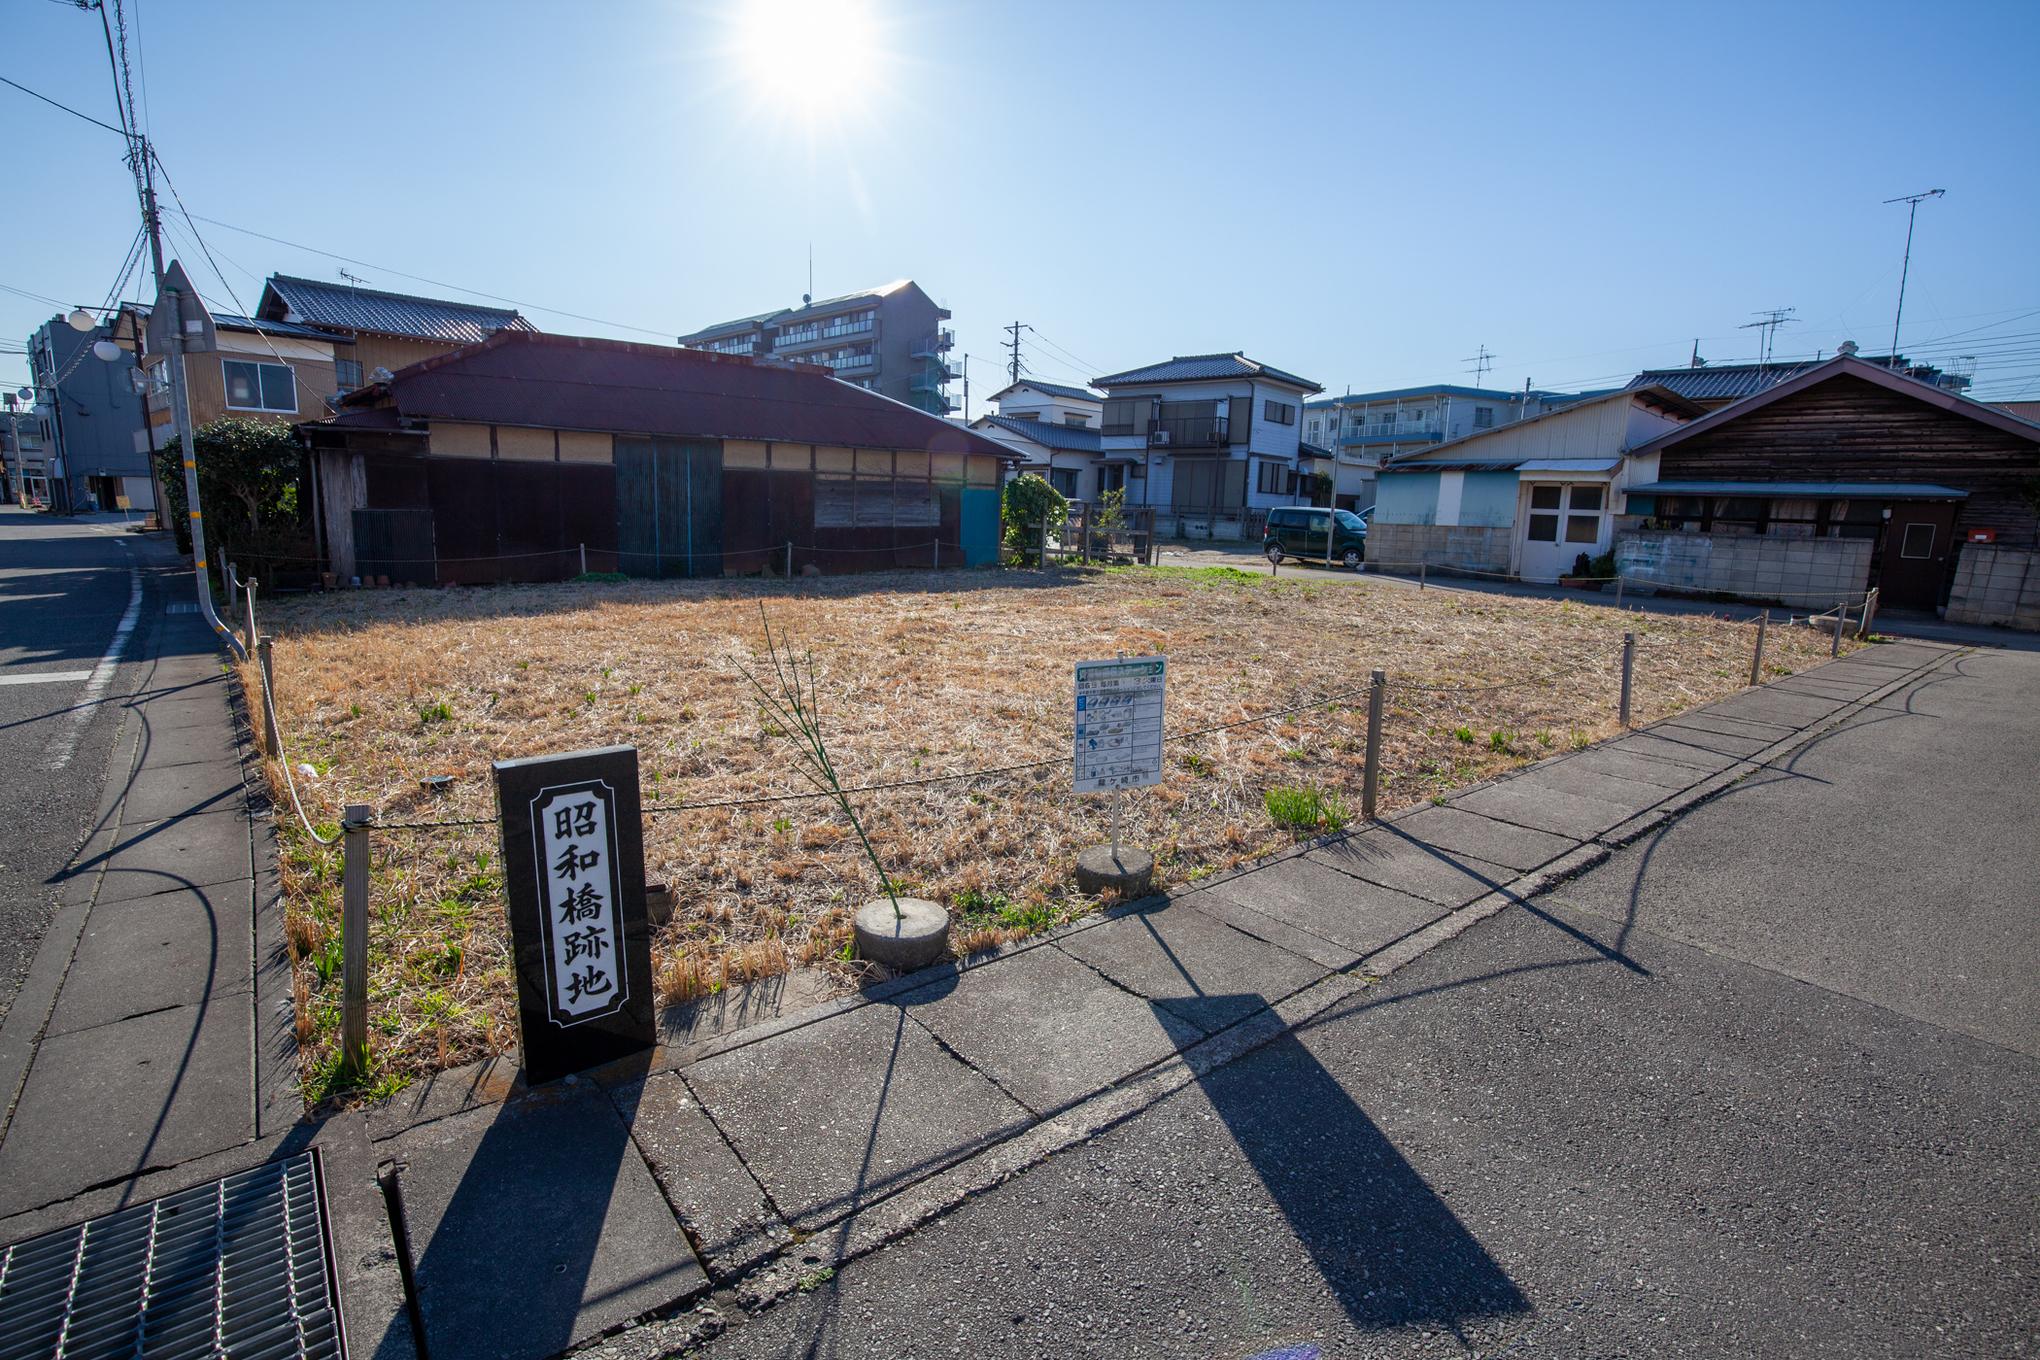 f:id:akichiniiko:20200711143309j:plain